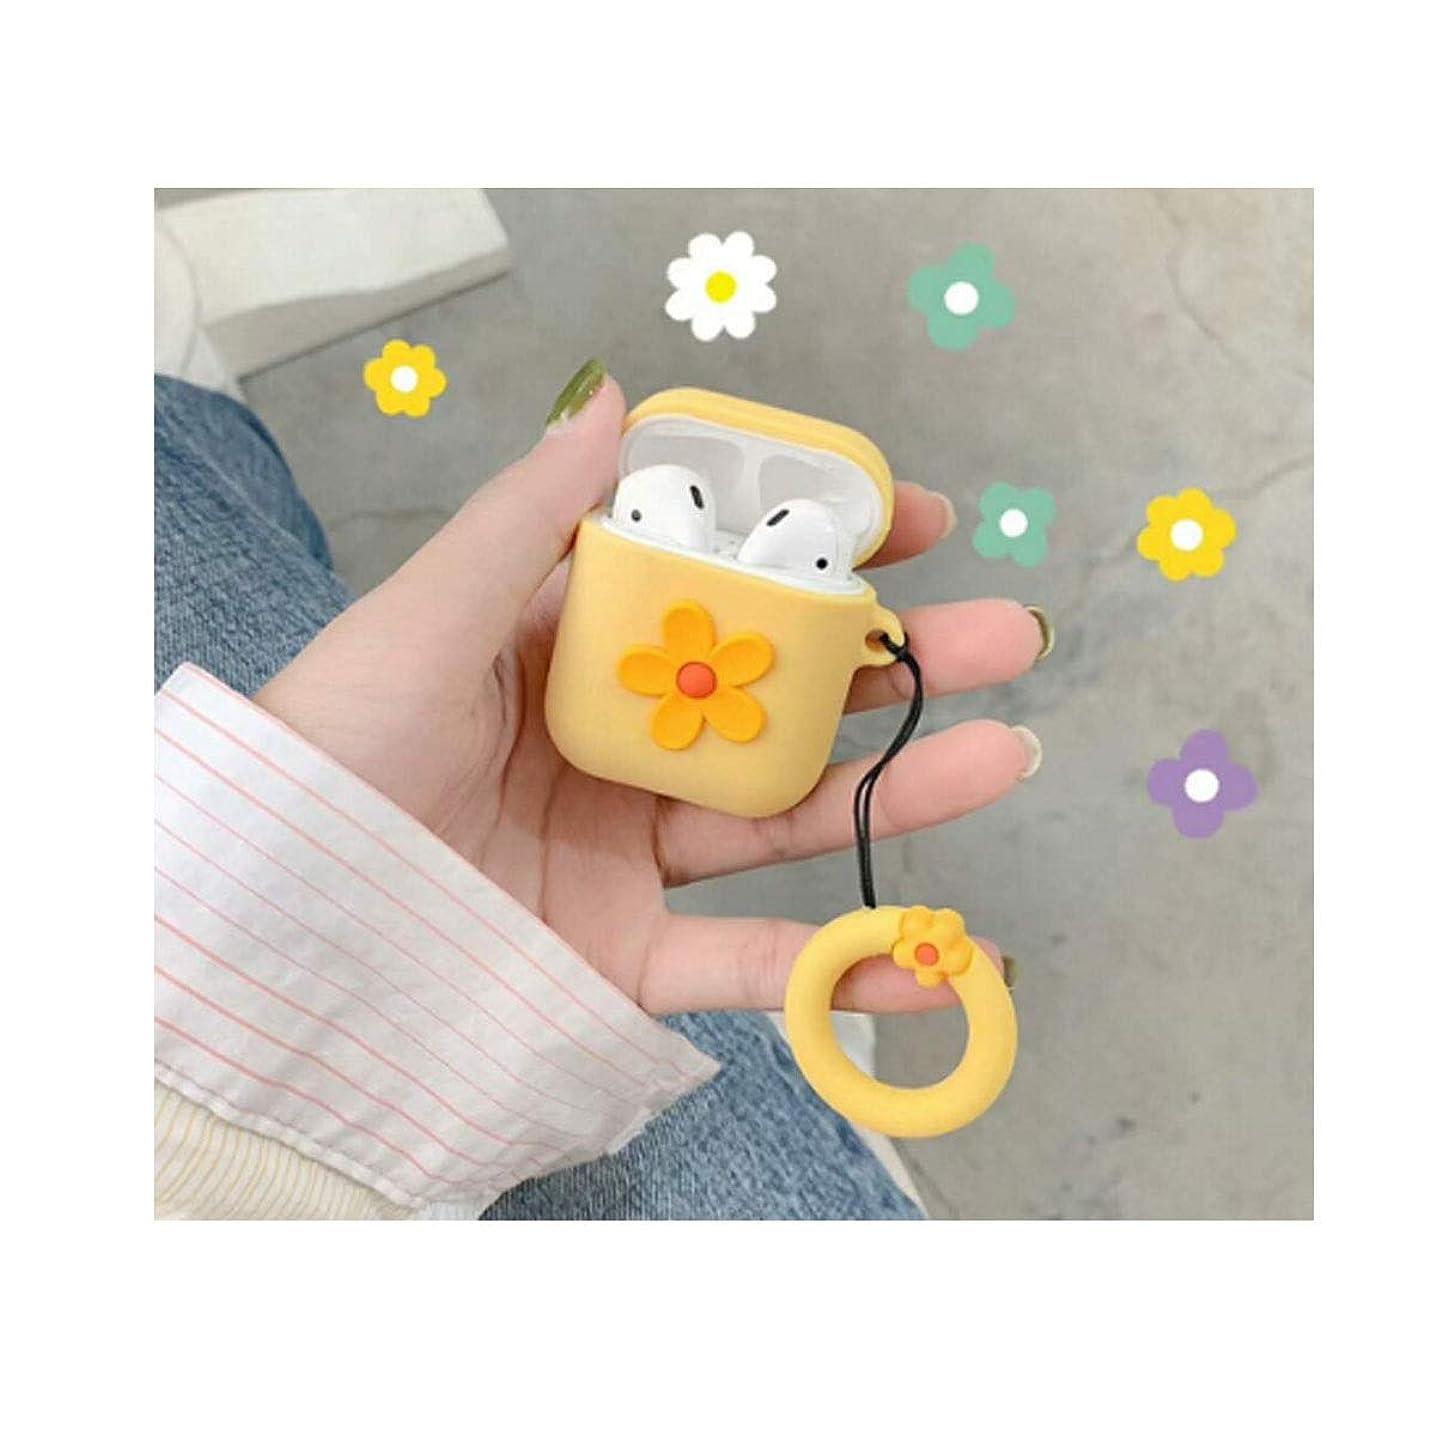 ソブリケット対処尋ねるAirPodsヘッドセット、ワイヤレスBluetoothヘッドセット充電ボックス、小さな生花用シリコンケース、オレンジ (Color : Yellow)